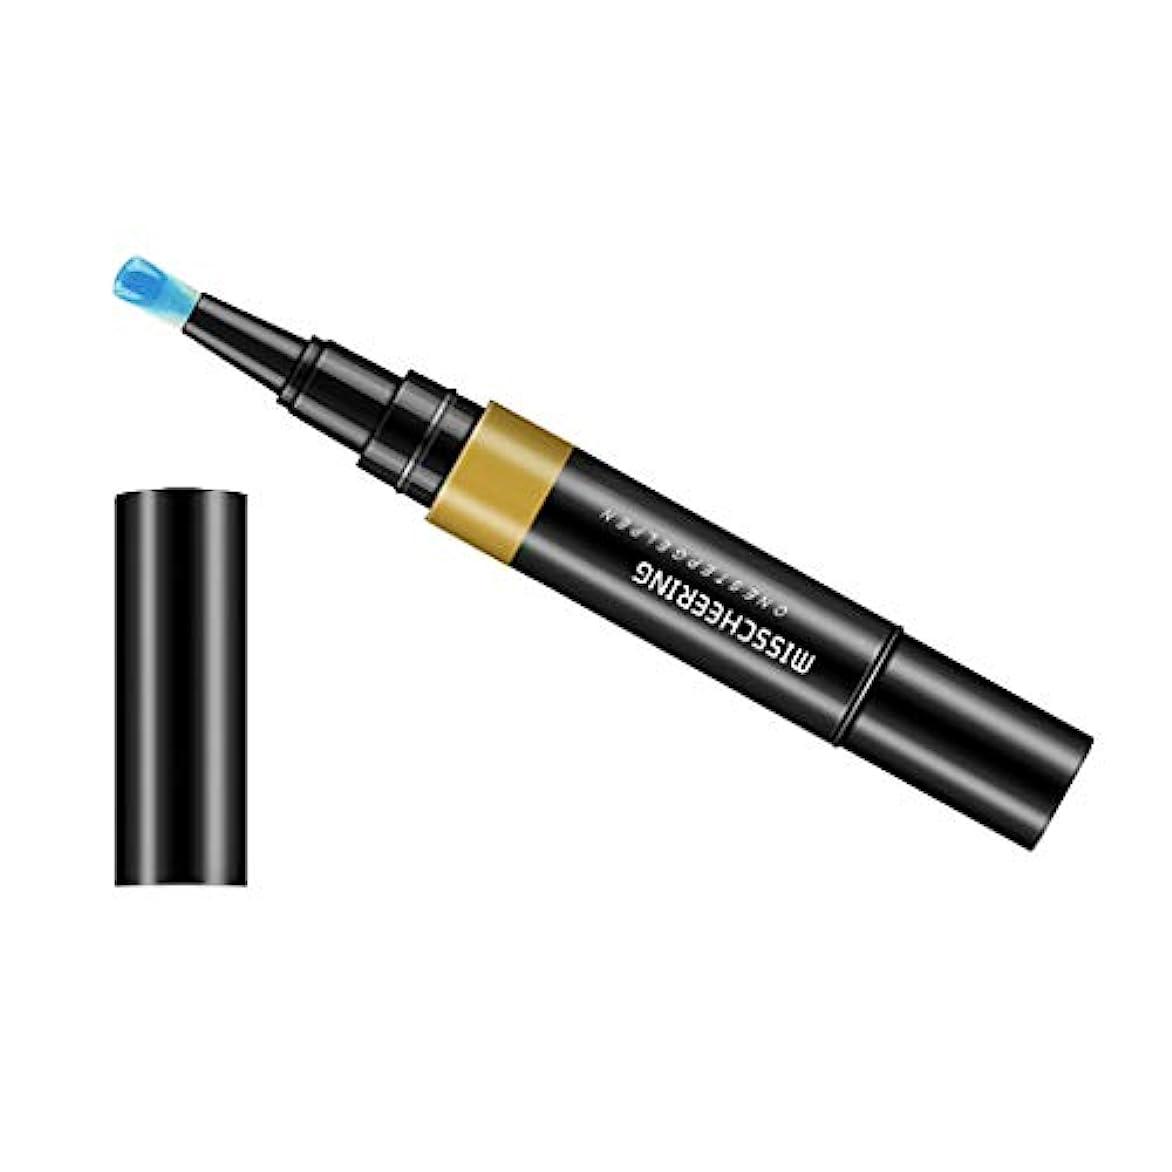 混乱ショートカットストライプネイルアートペン マニキュアペン セルフネイル 3 in 1 カラージェル ネイルデザイン ジェルネイル - ブルー